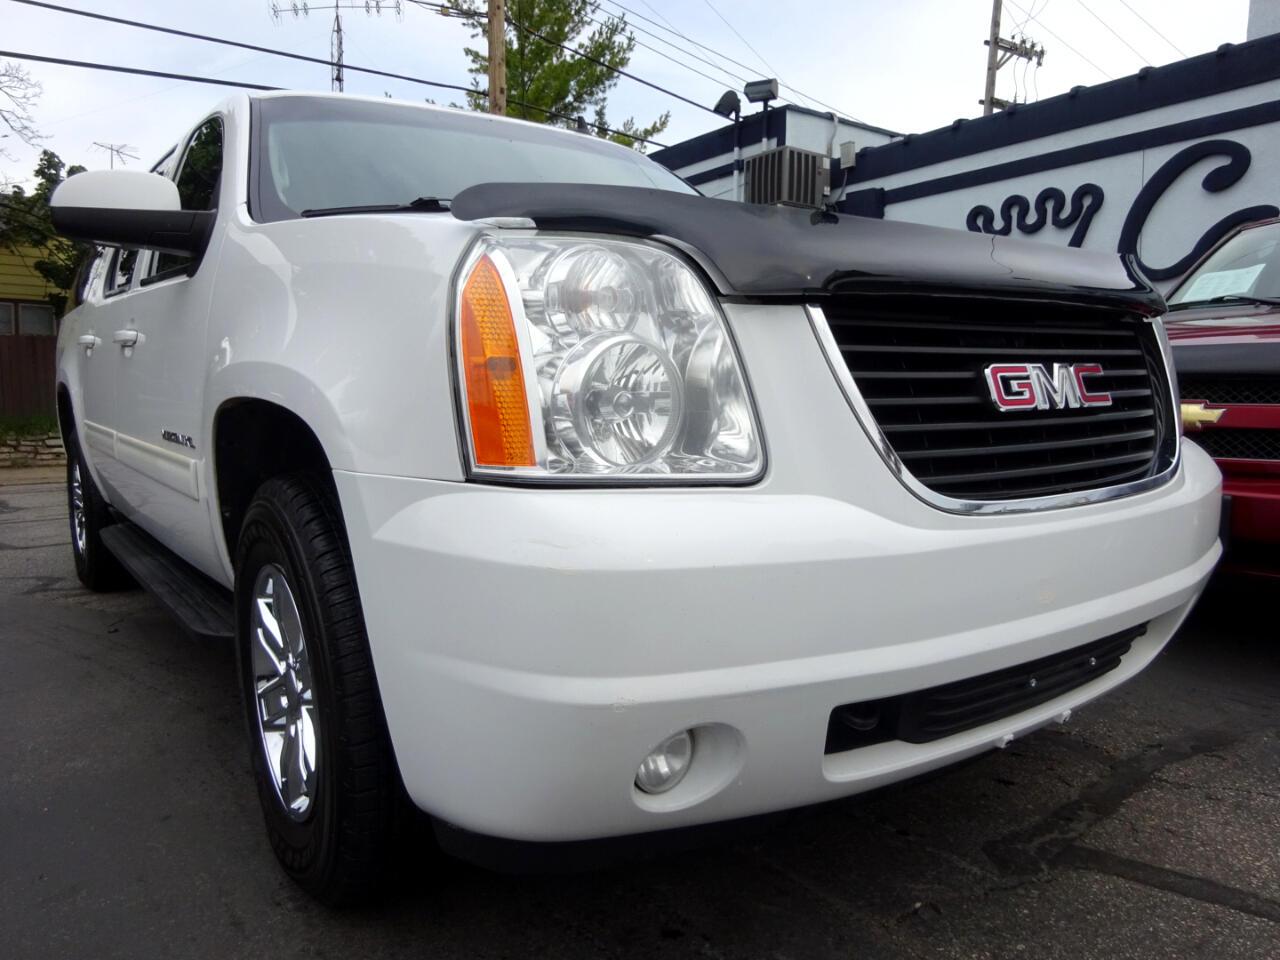 GMC Yukon XL 4WD 4dr 1500 SLT 2010